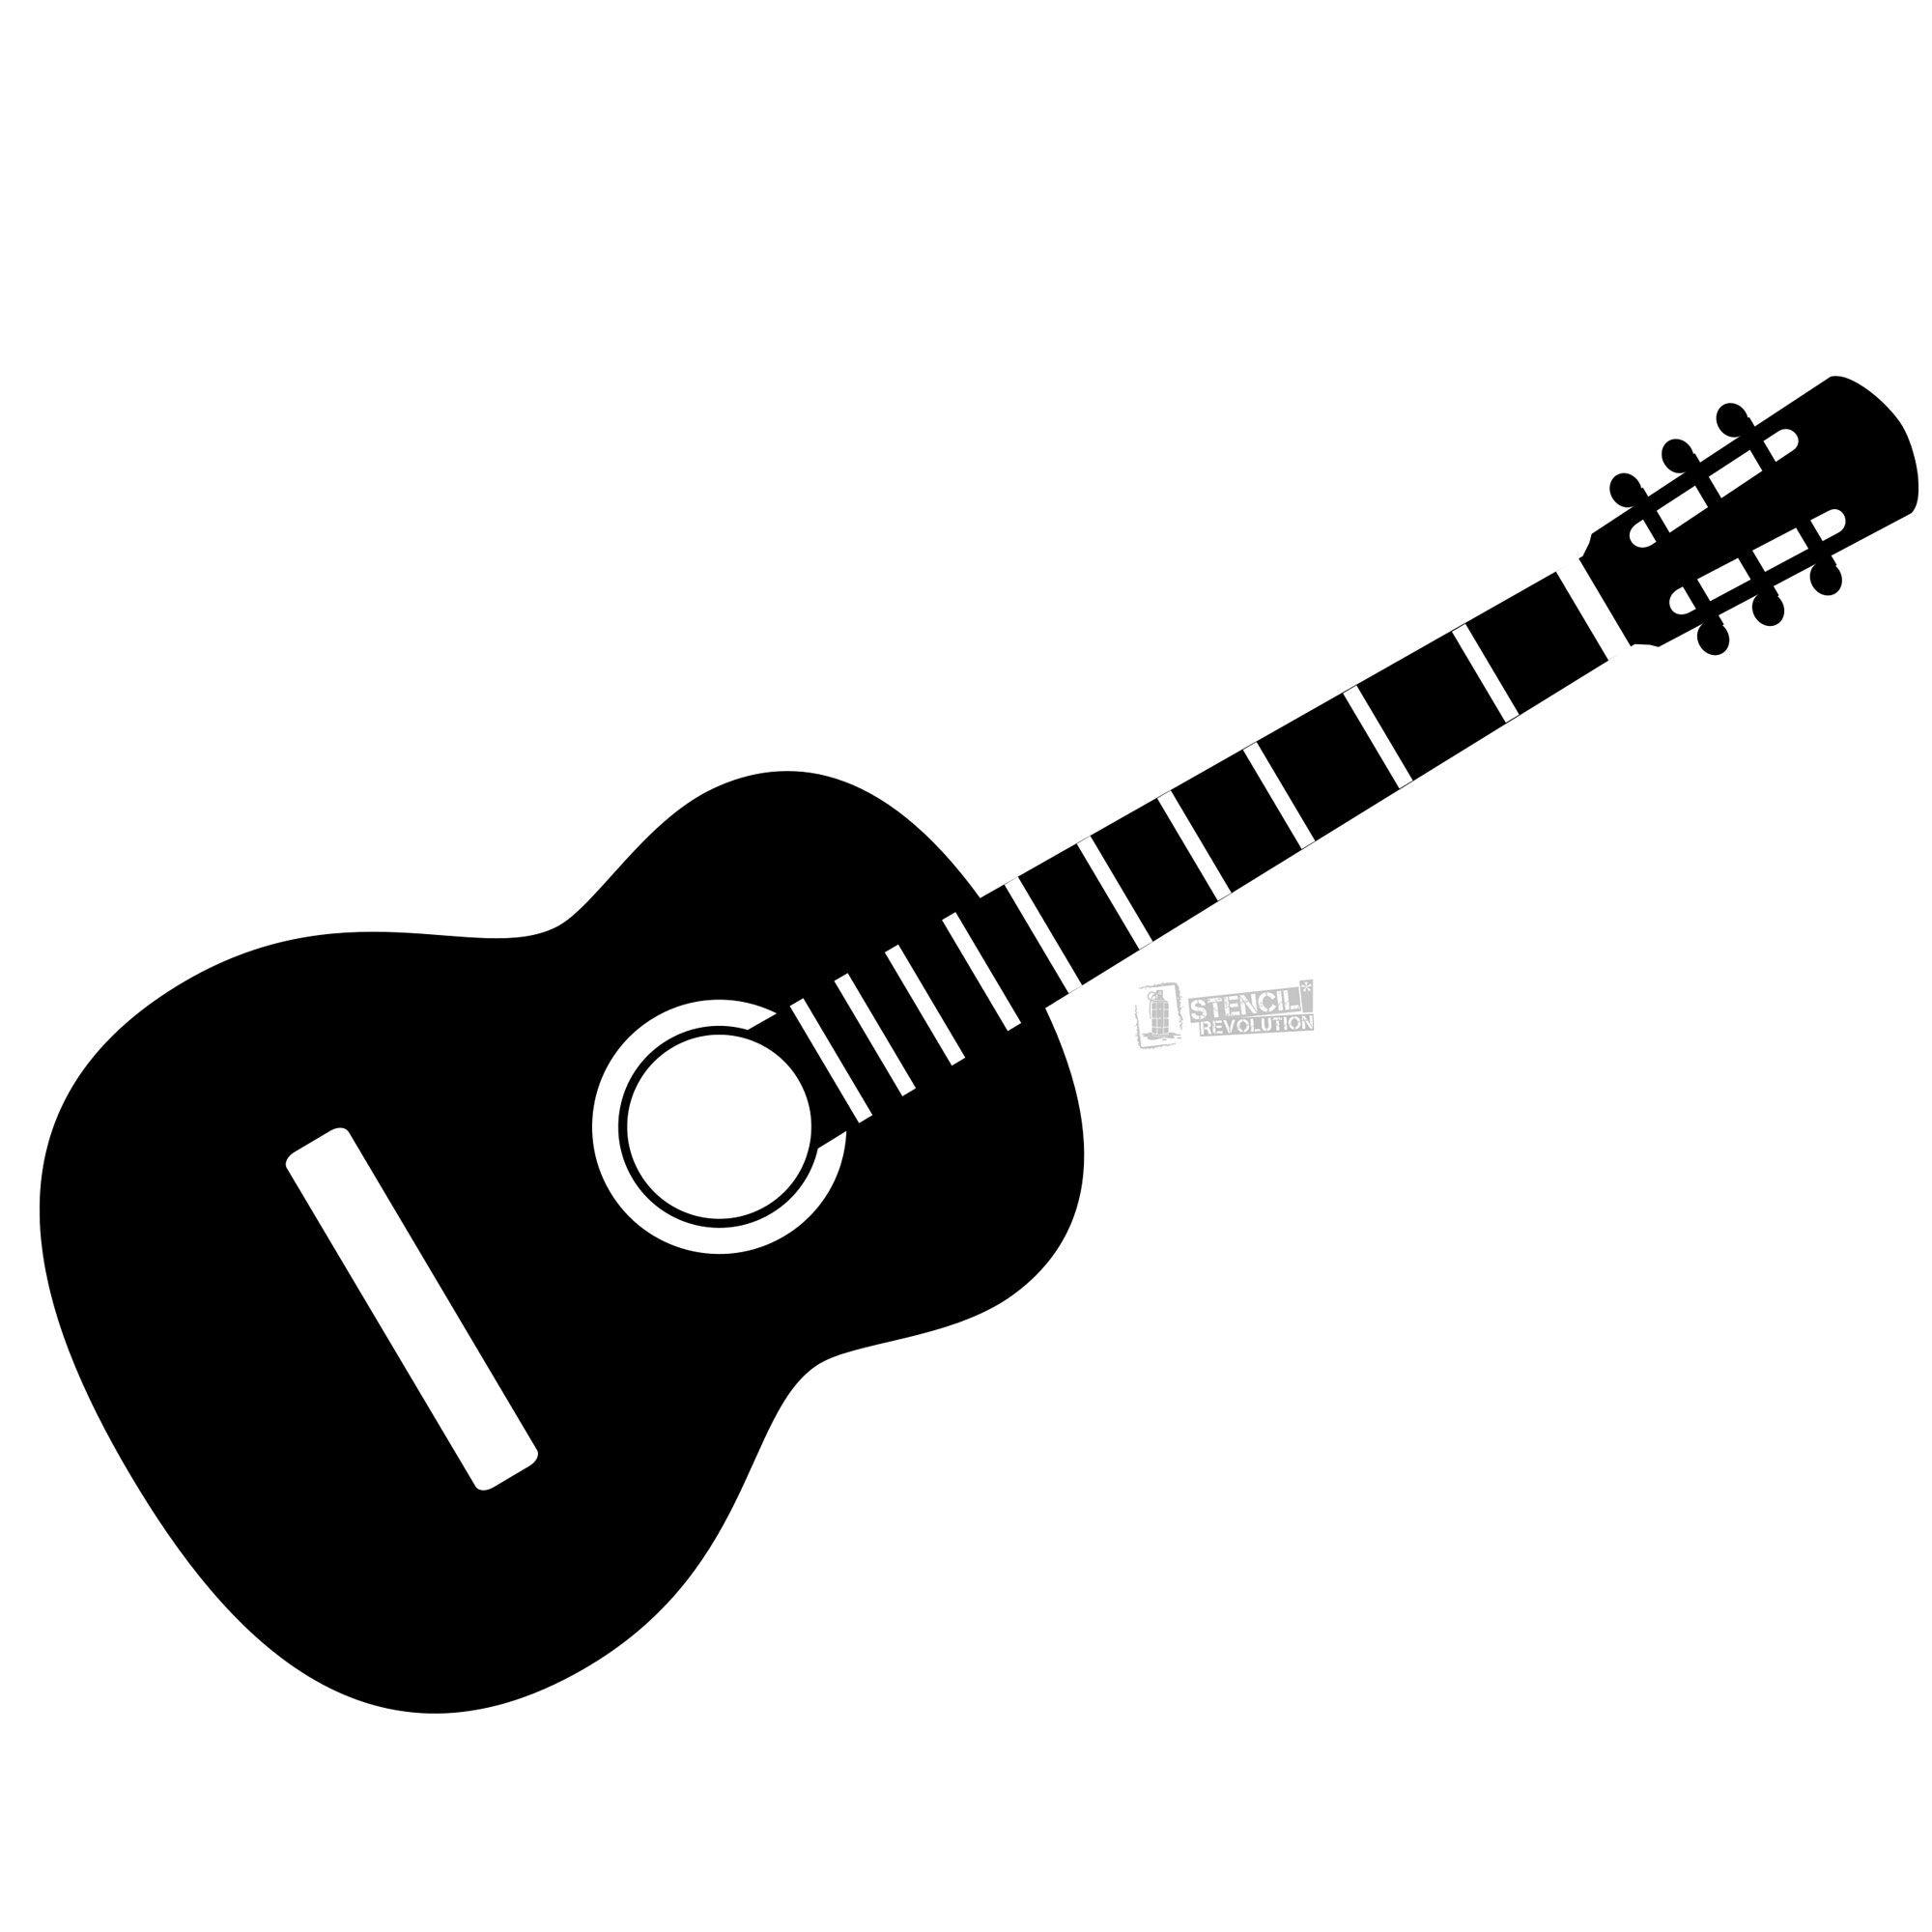 guitar stencil.